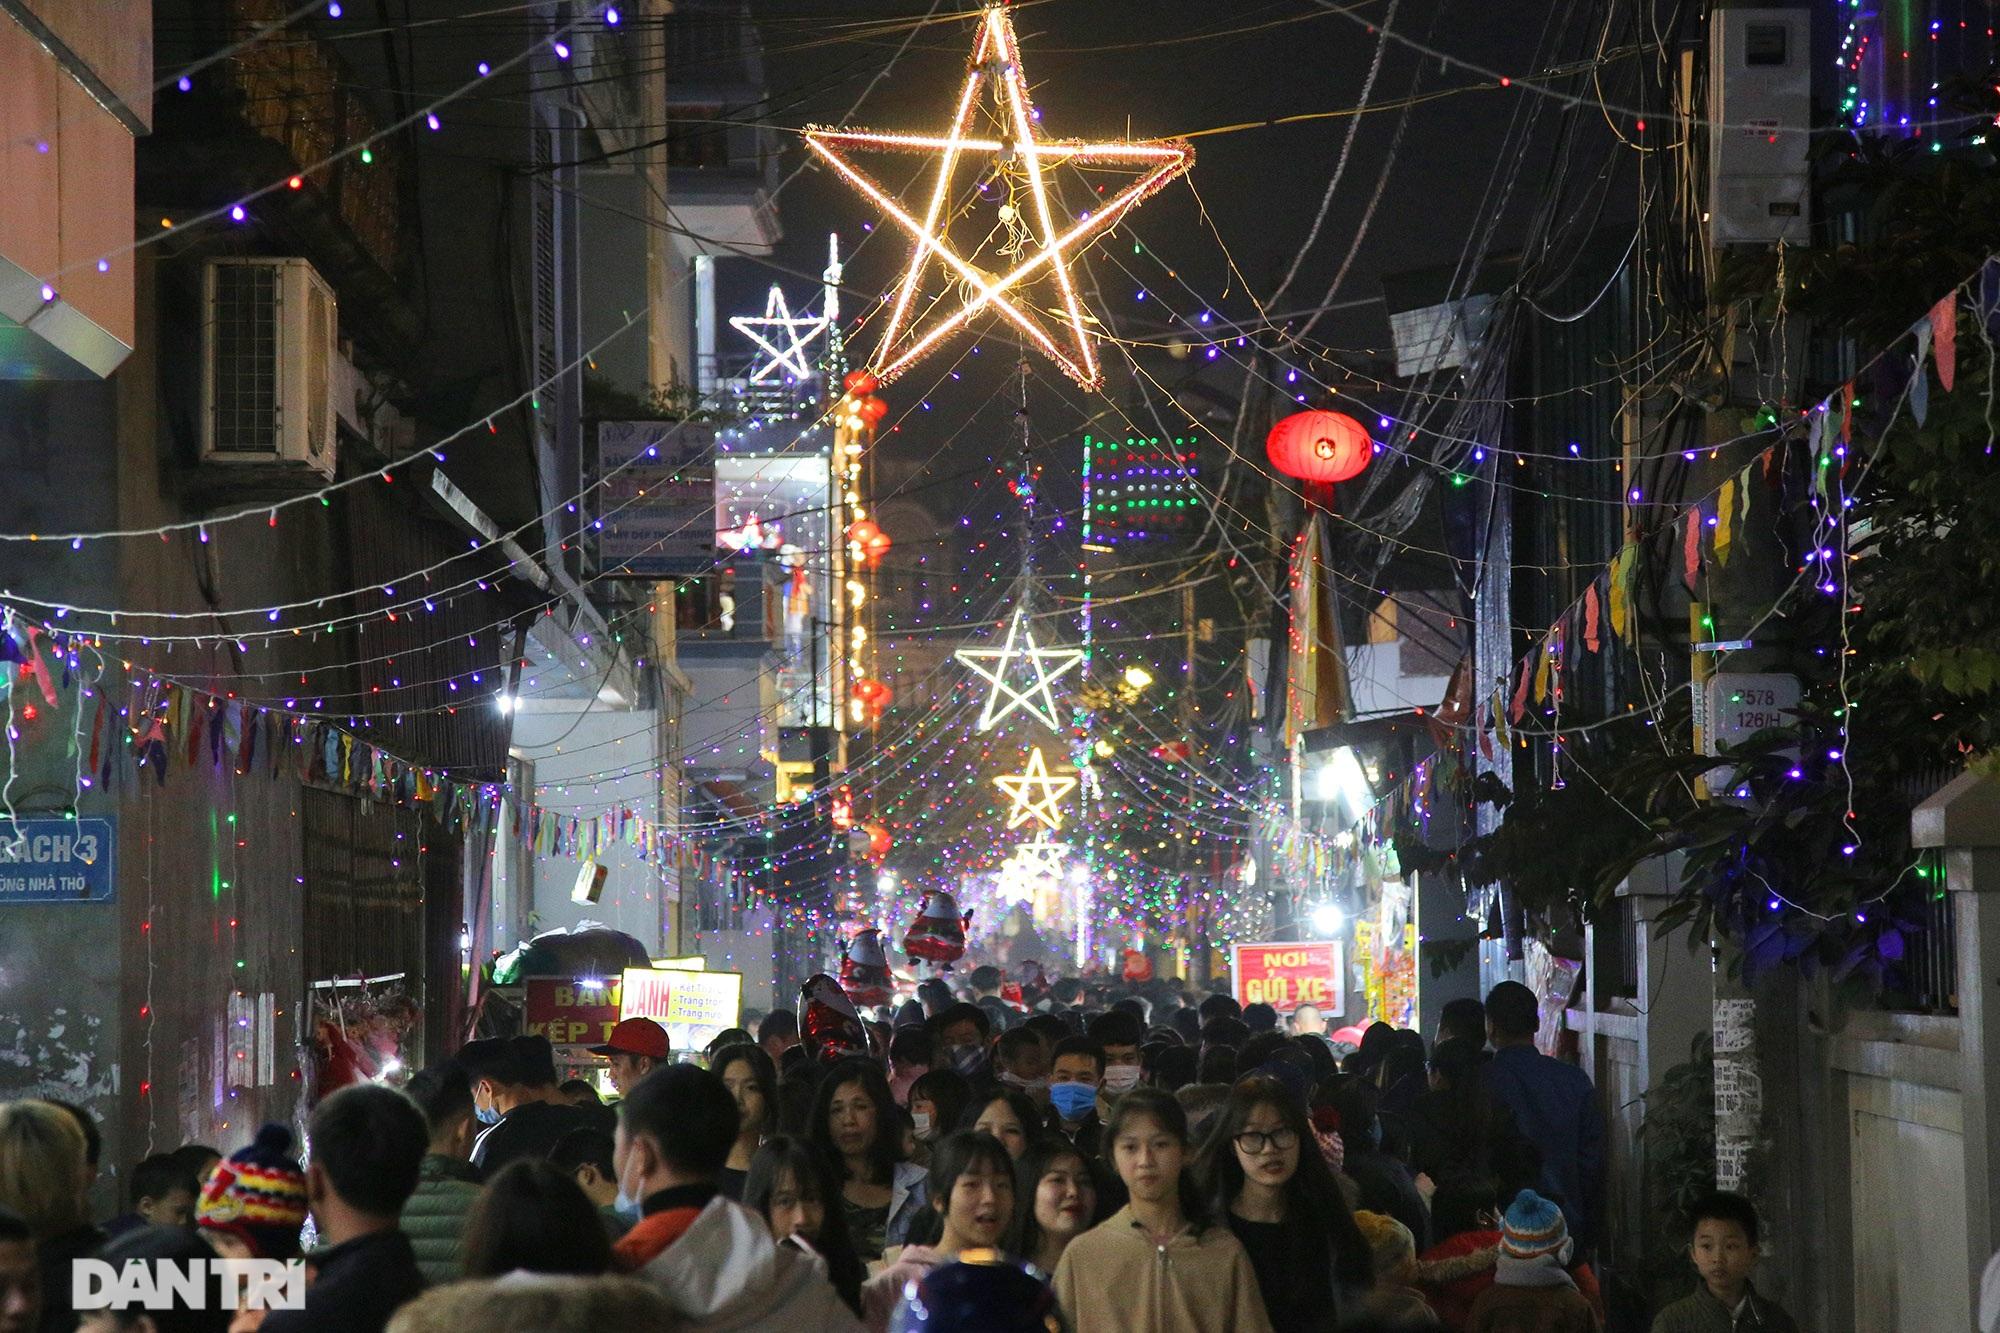 Đêm Giáng sinh lung linh ánh đèn tại xứ đạo Thạch Bích - 1